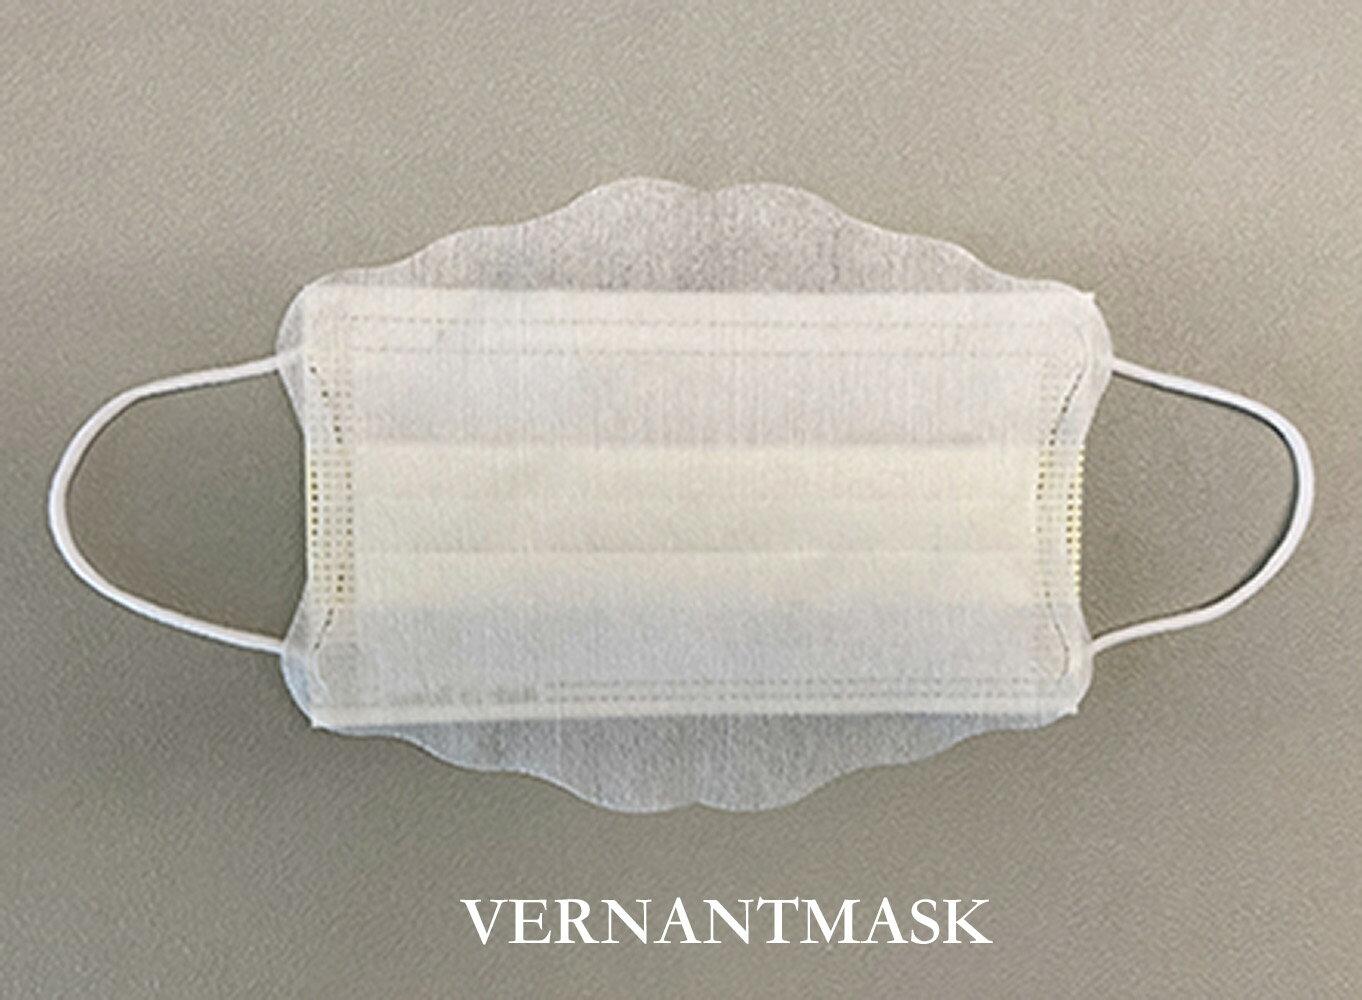 MASK SHEET 掛罩式 極薄口罩保潔襯墊(拋棄式)雲朵造型 12包360片入